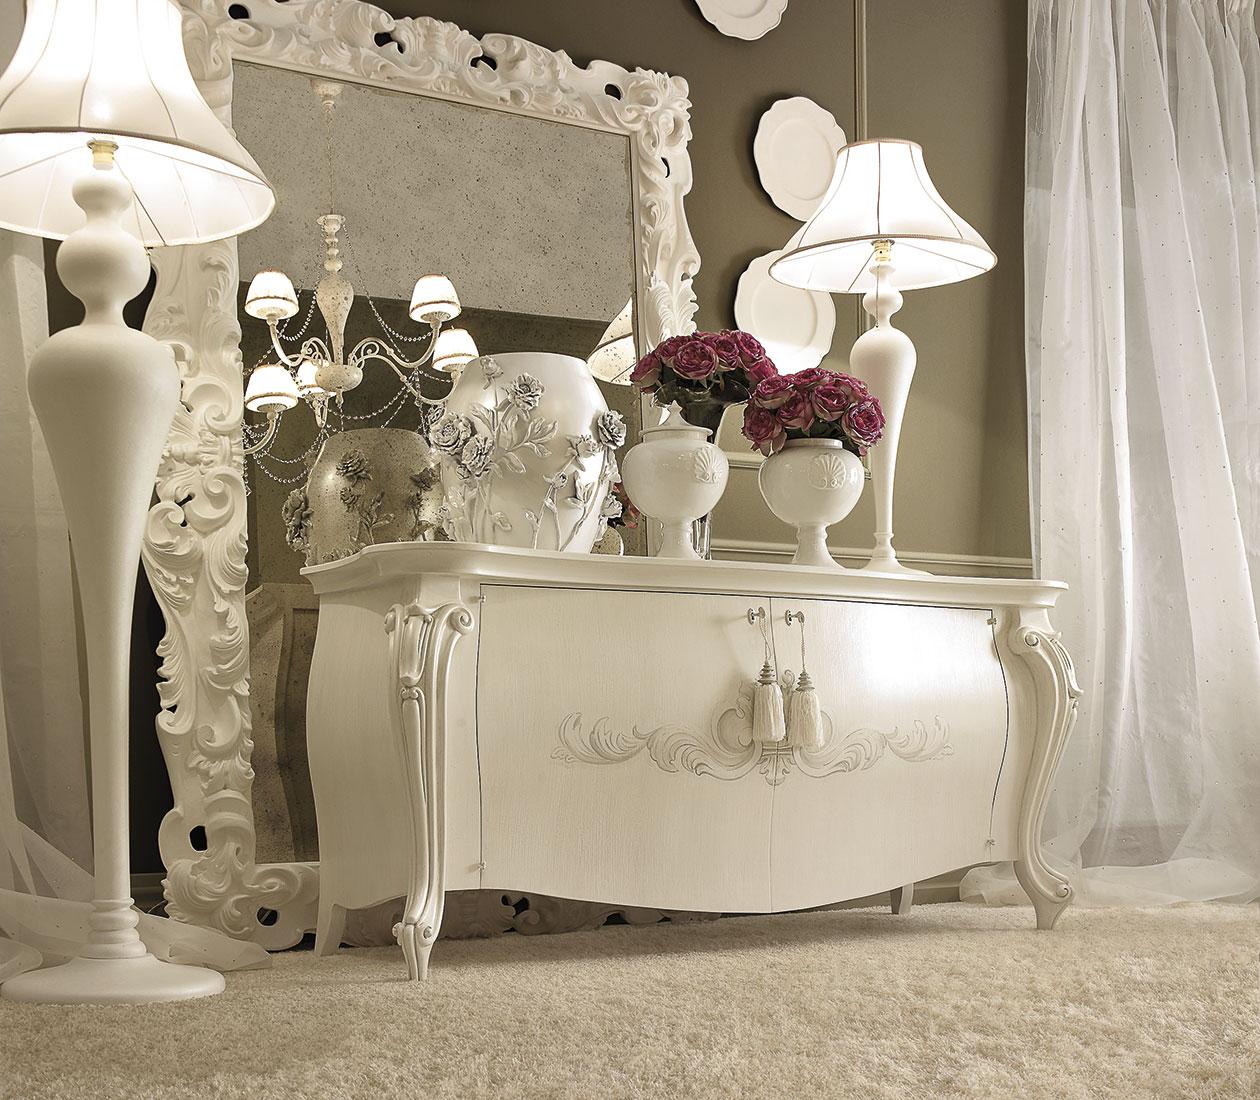 Credenze classiche per l'arredamento del soggiorno classico ...